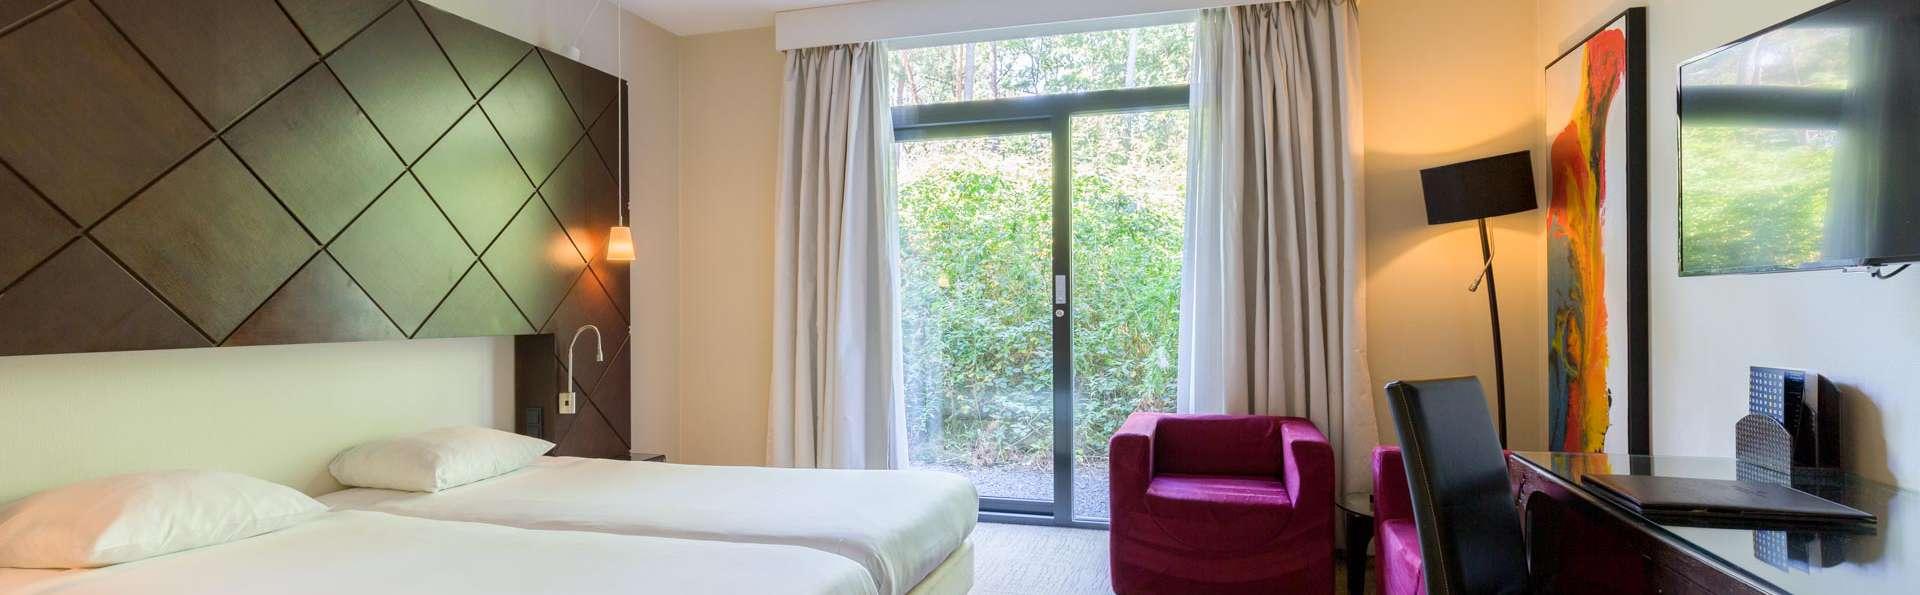 Profite du calme et de l'hospitalité dans un hôtel 4 étoiles au milieu d'une magnifique réserve naturelle